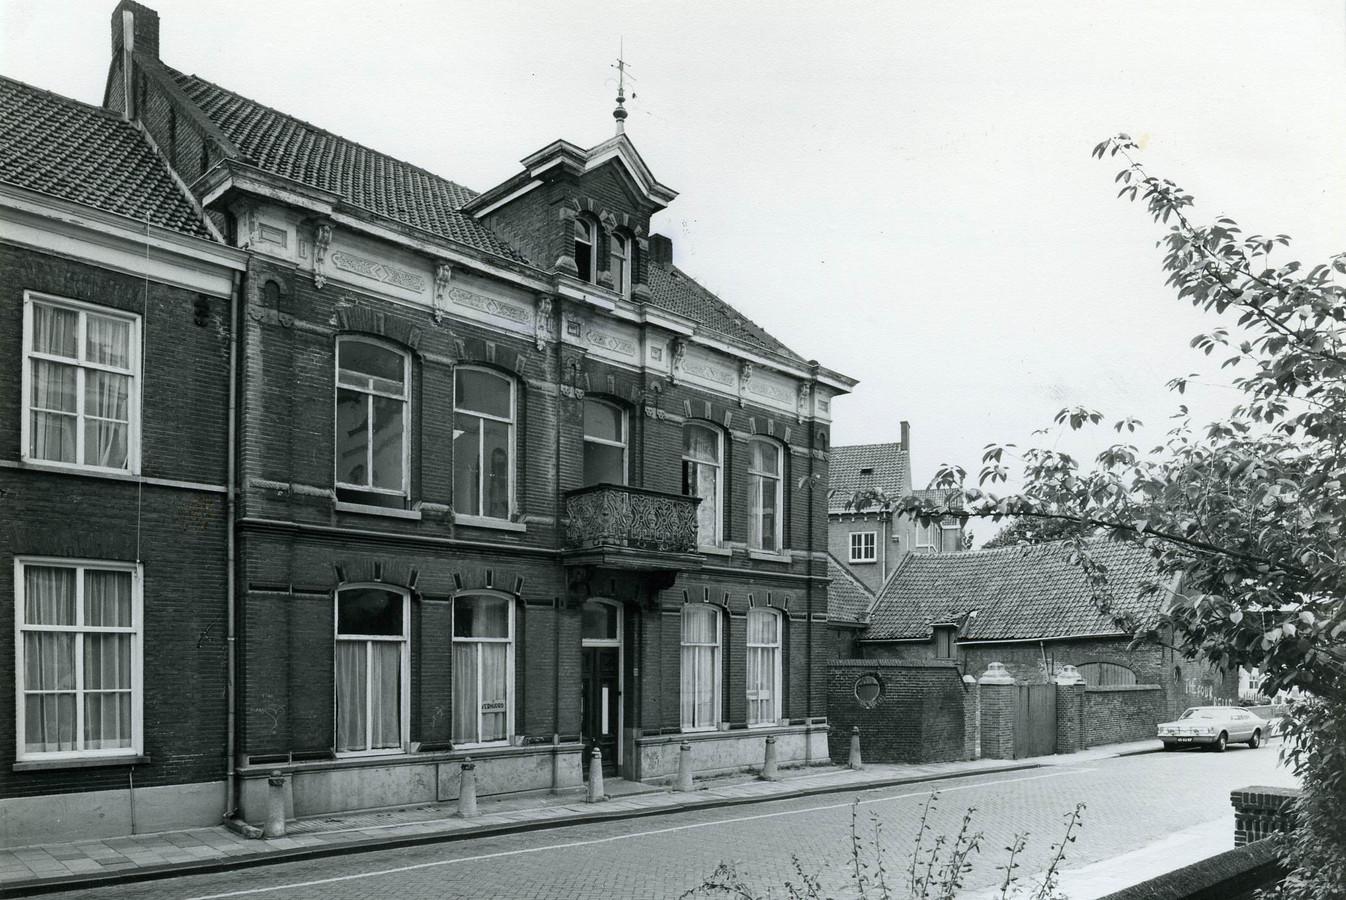 De fraaie zogenoemde herenboerderij aan de Begijnenstraat moest gesloopt worden.